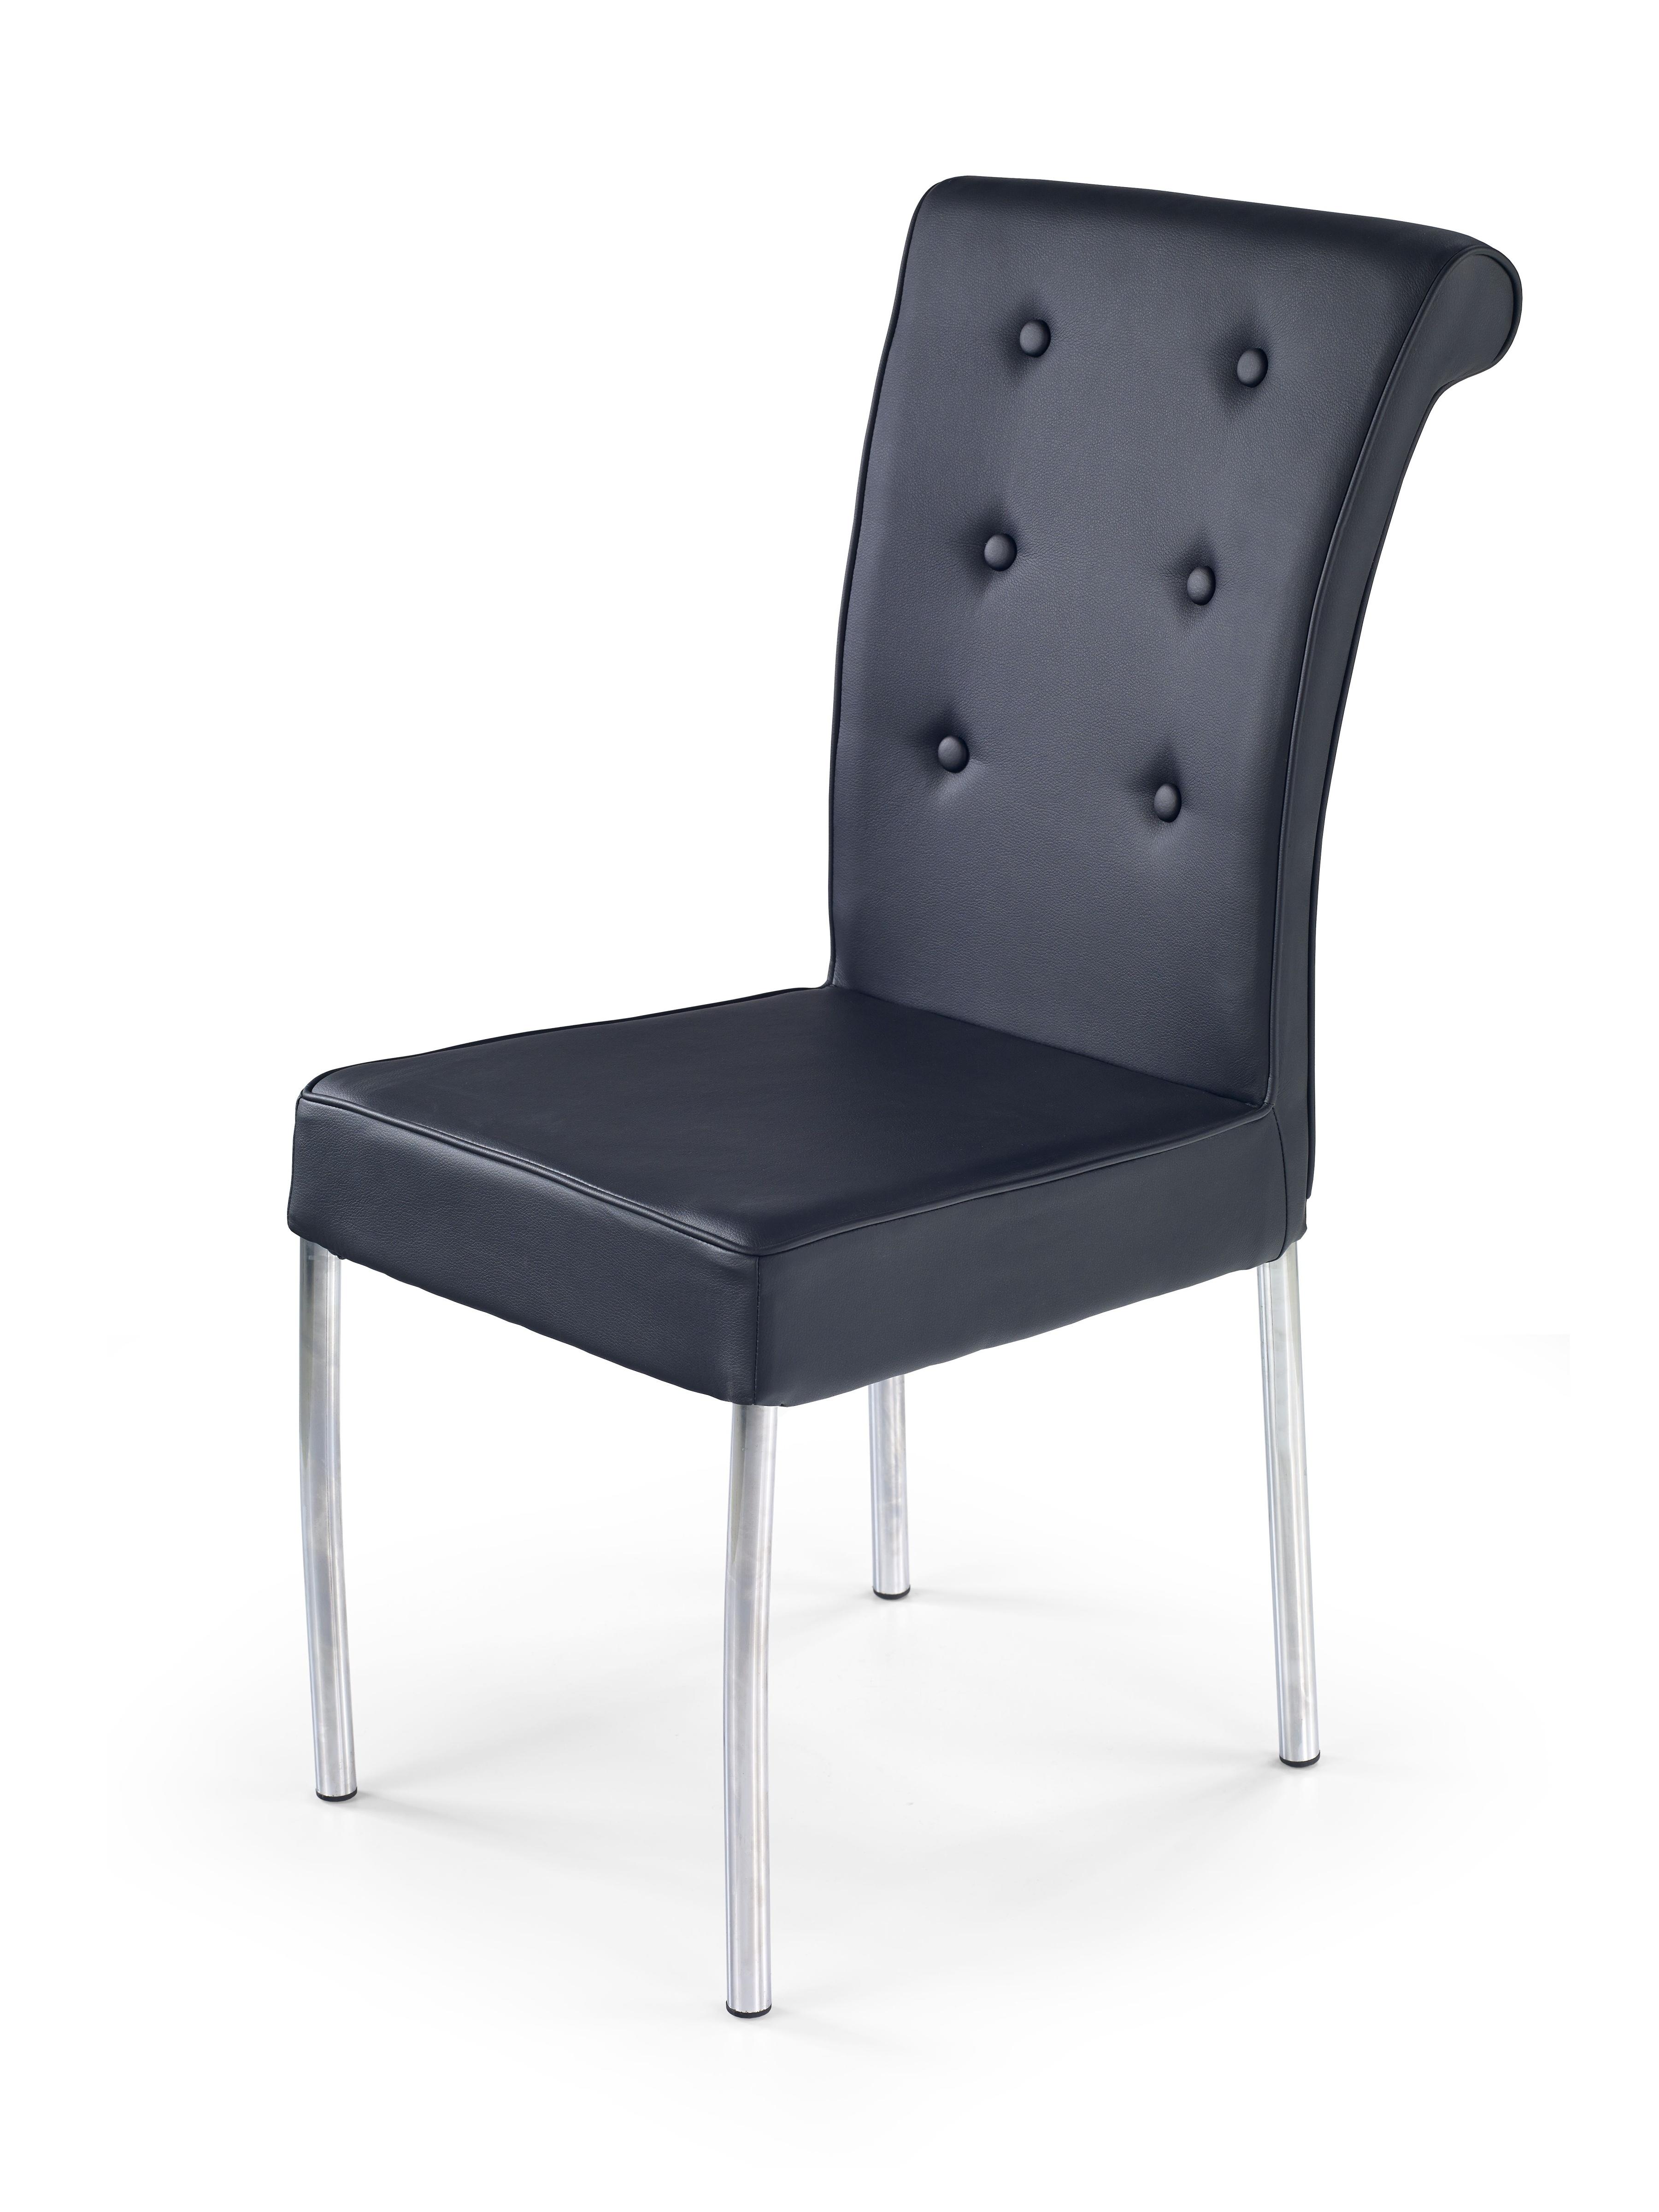 Jedálenská stolička - Halmar - K 176